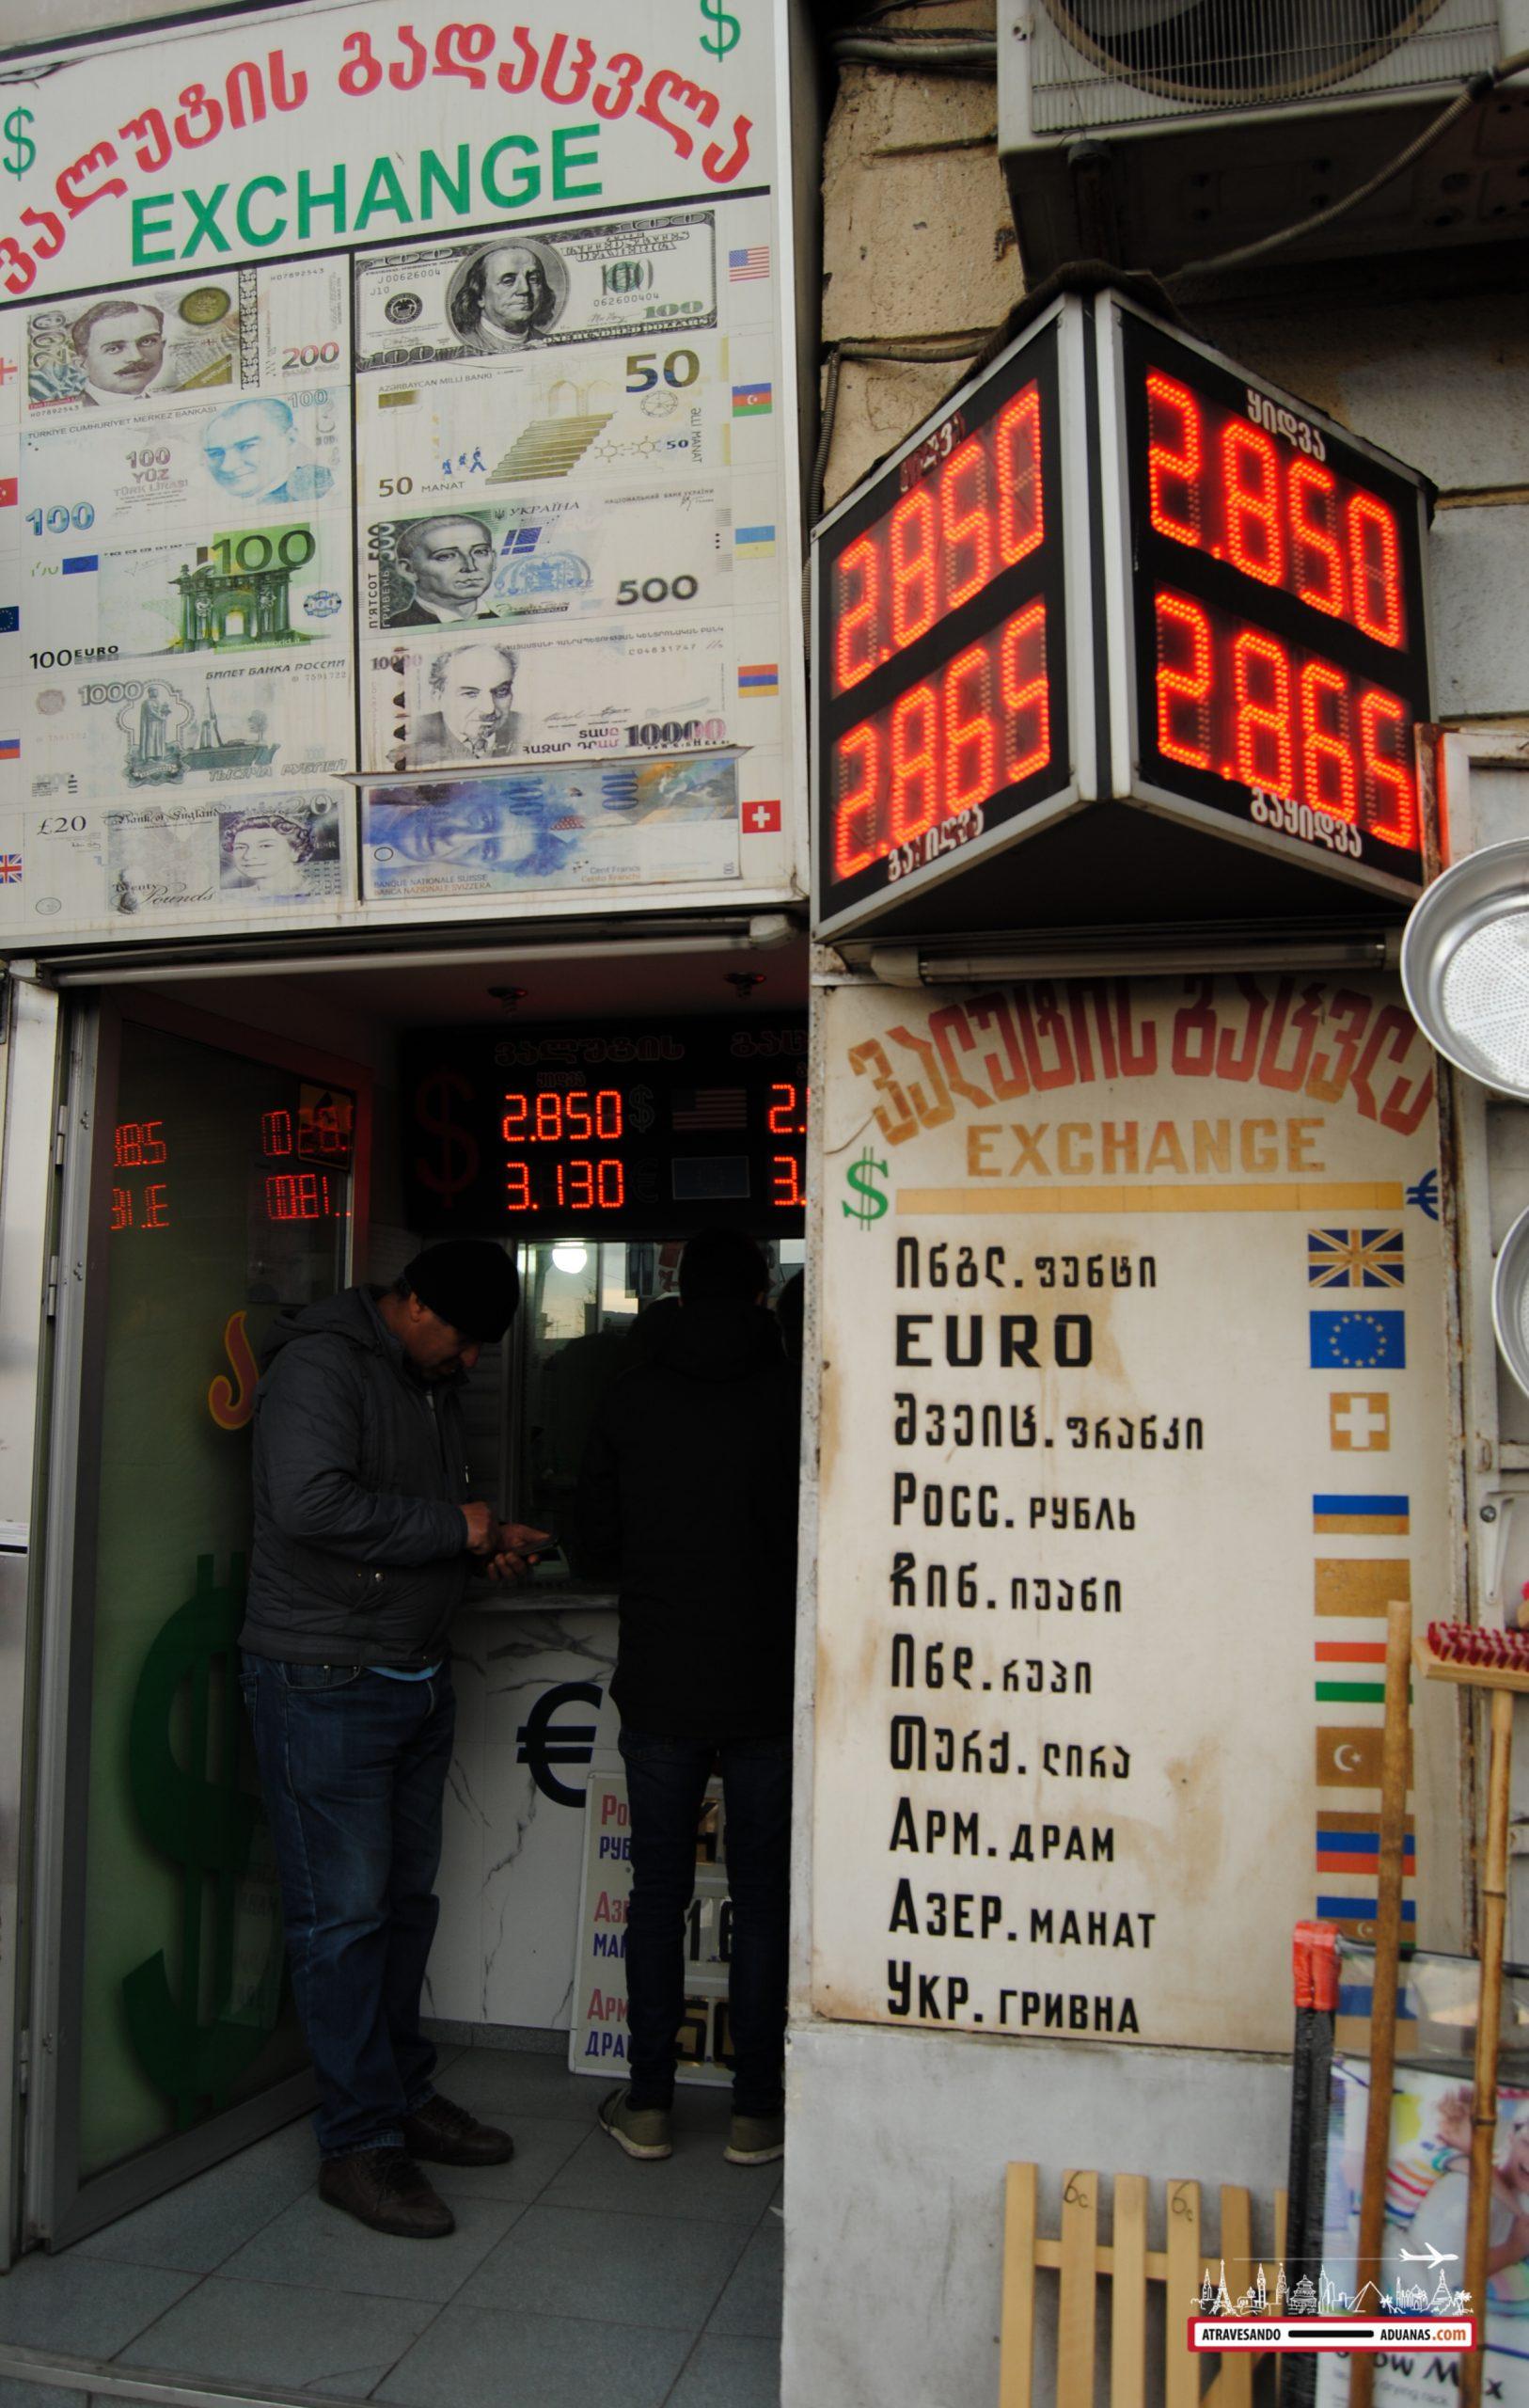 oficina de cambio en el dezerter bazaar de tbilisi